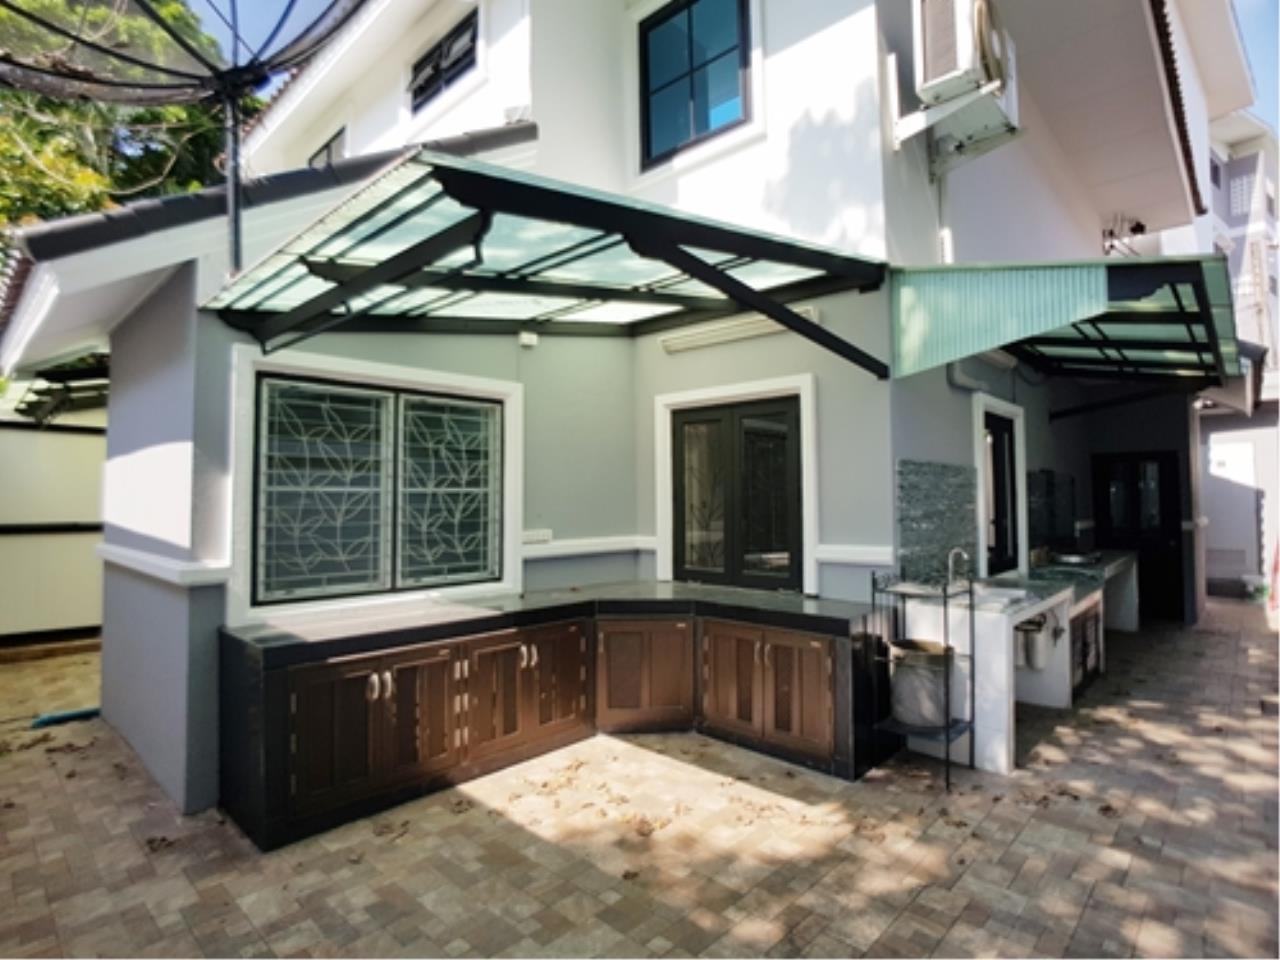 ขายบ้าน พระโขนงเหนือ วัฒนา กรุงเทพมหานคร, ภาพที่ 2